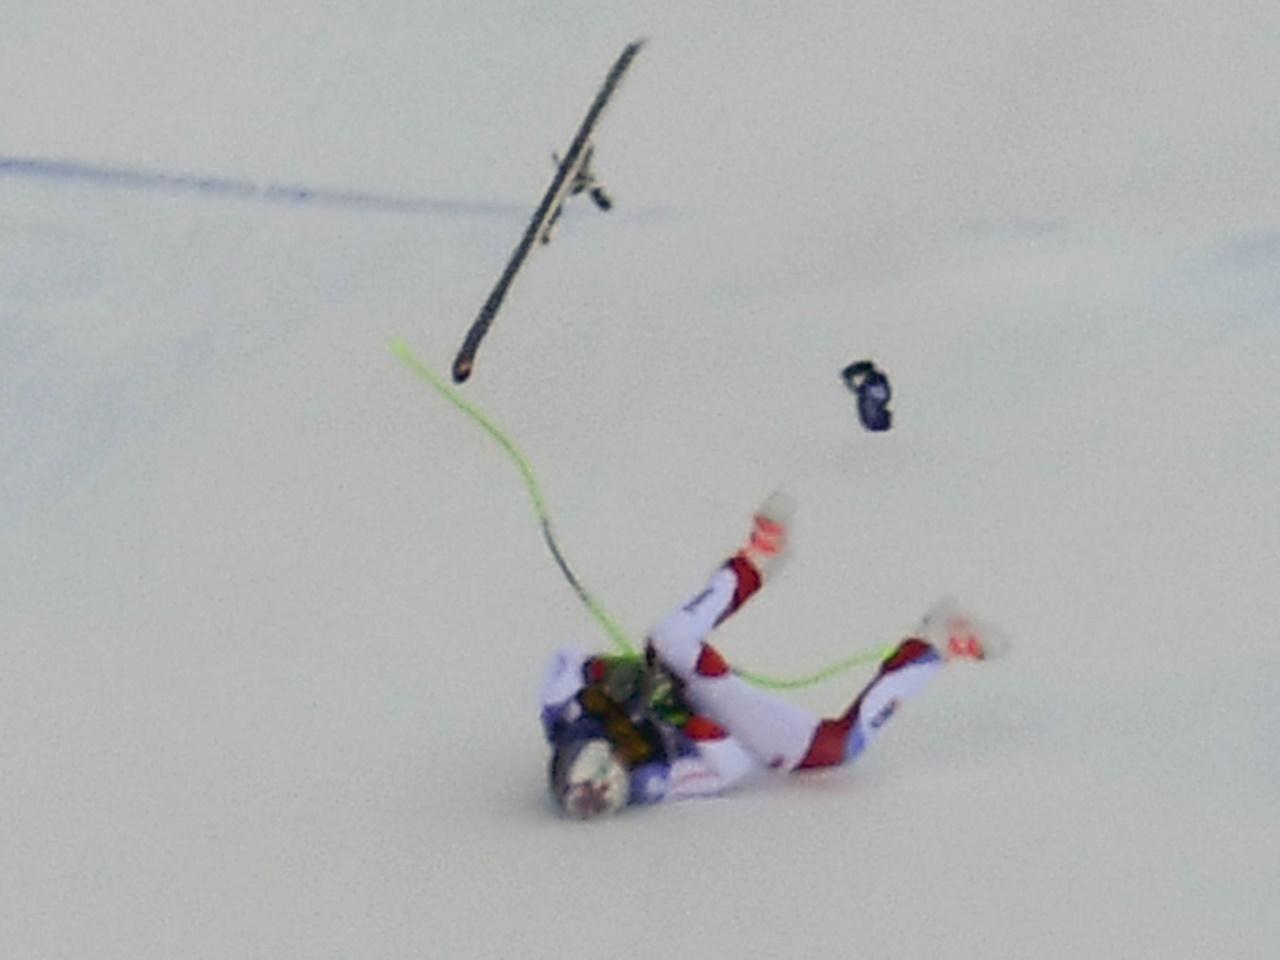 Skirennfahrer Gisin hat keine schweren Kopf- oder Rückenverletzungen